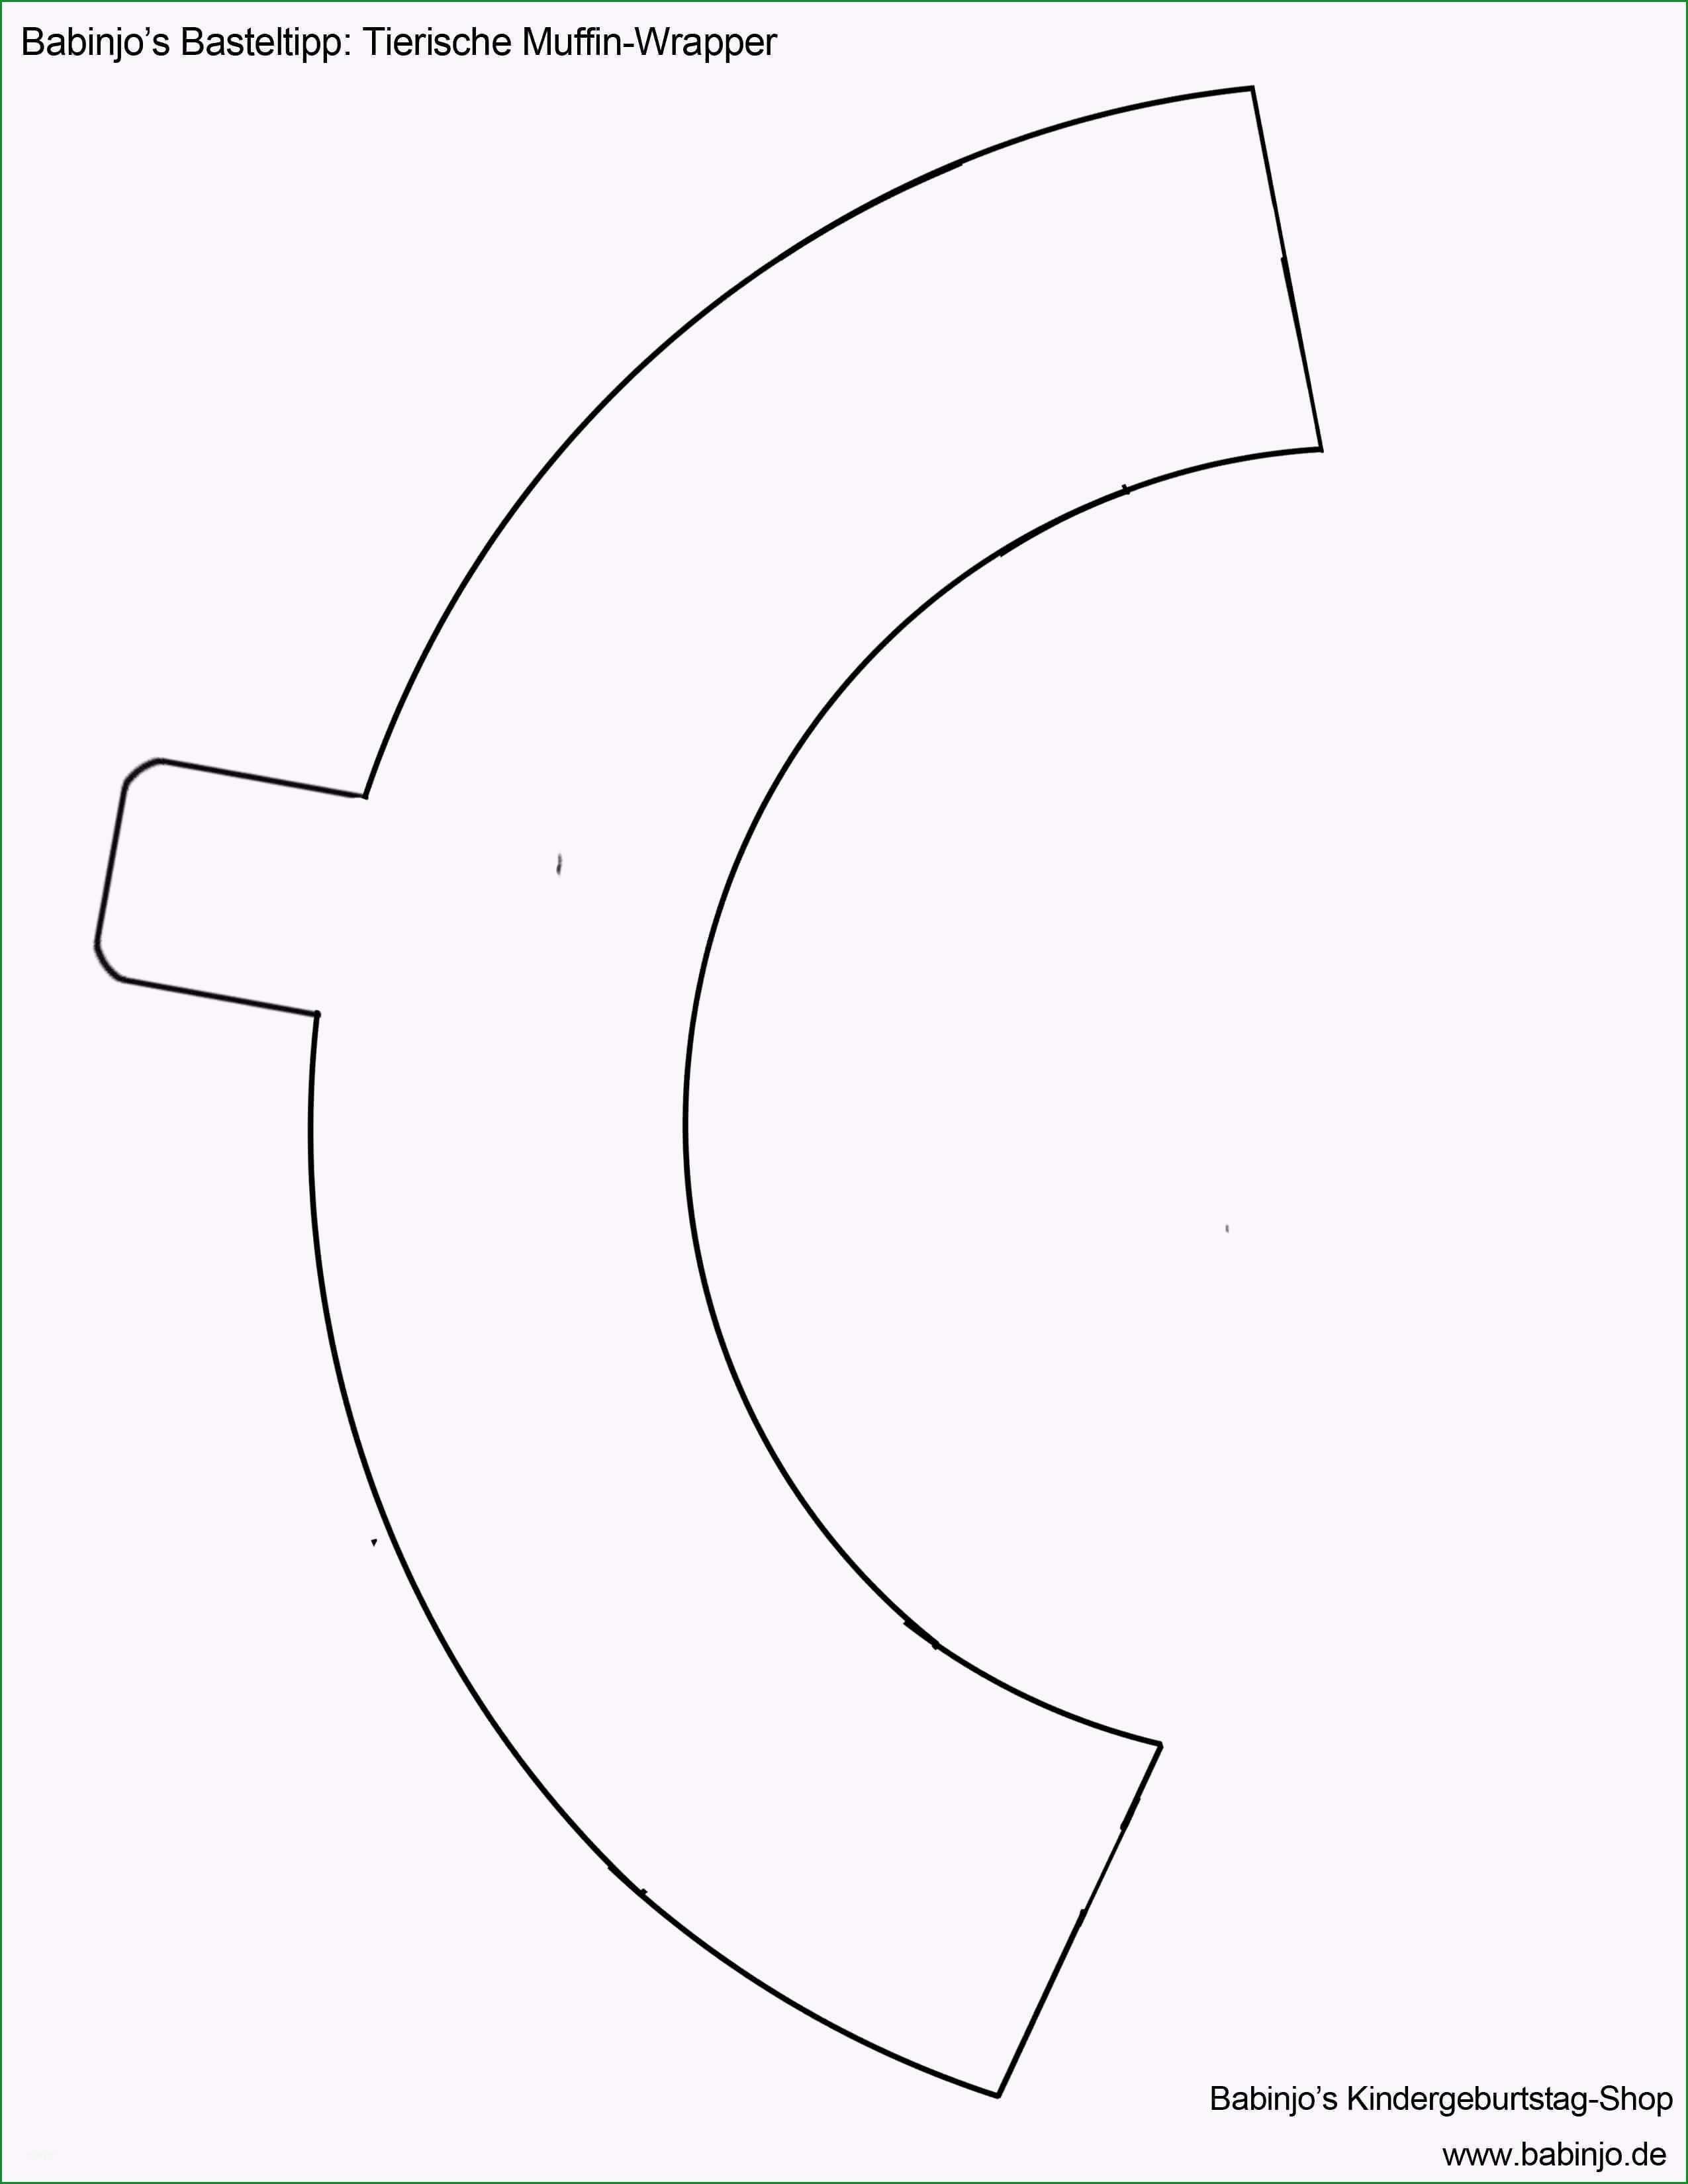 schaf vorlage ausschneiden avec muffin banderolen basteln anleitung und schablonen et schablone muffin banderole banderolen vorlage herunterladen und ausdrucken schaf vorlage ausschneiden 0